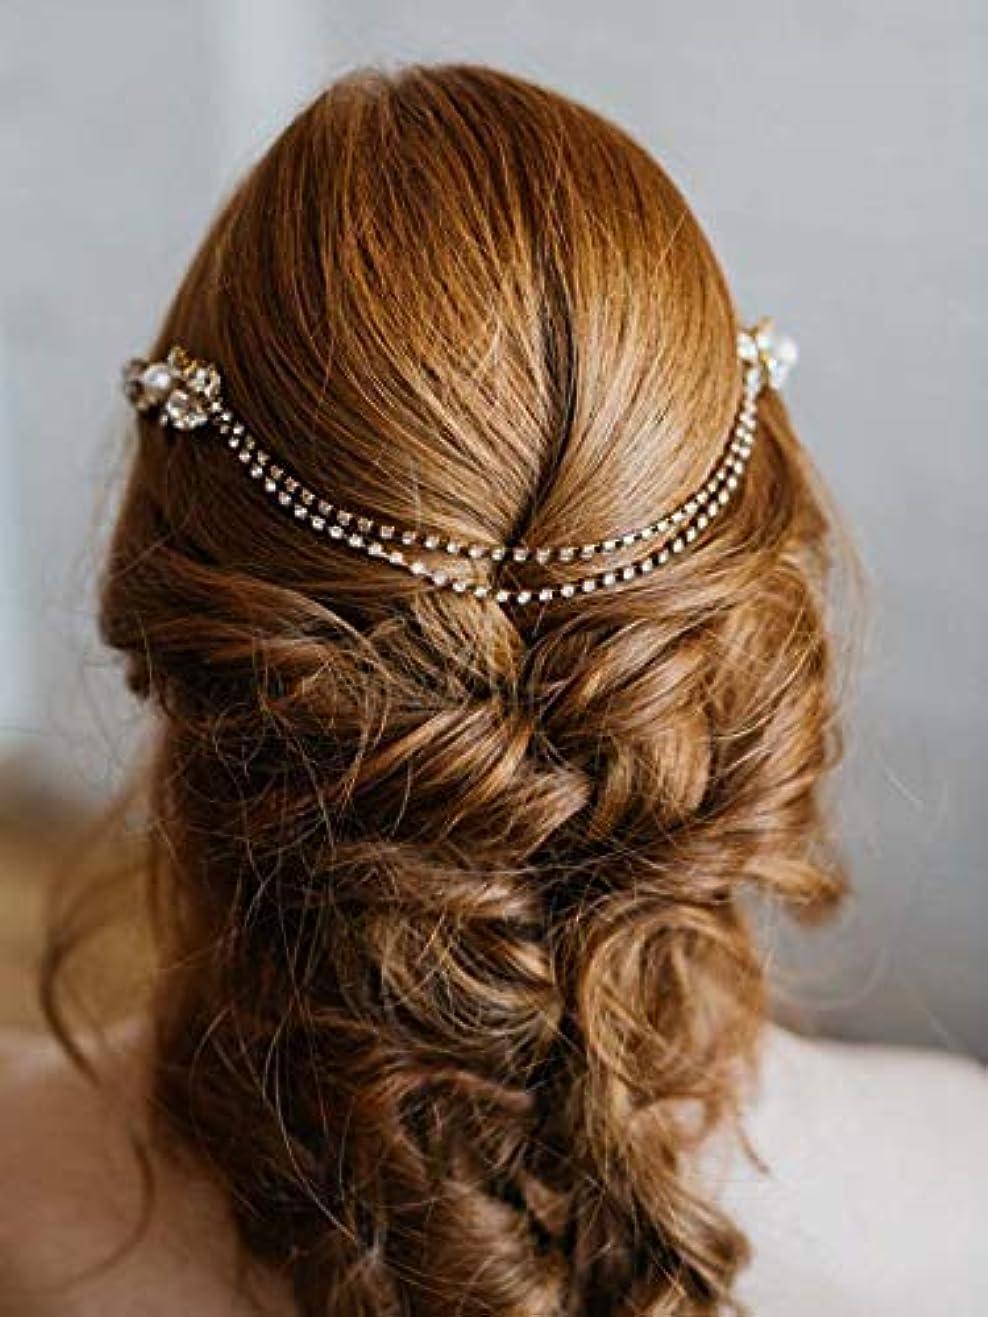 クルー不平を言うカーフAukmla Wedding Hair Accessories Flower Hair Combs with Chain Decorative Bridal for Brides and Bridesmaids (Silver...